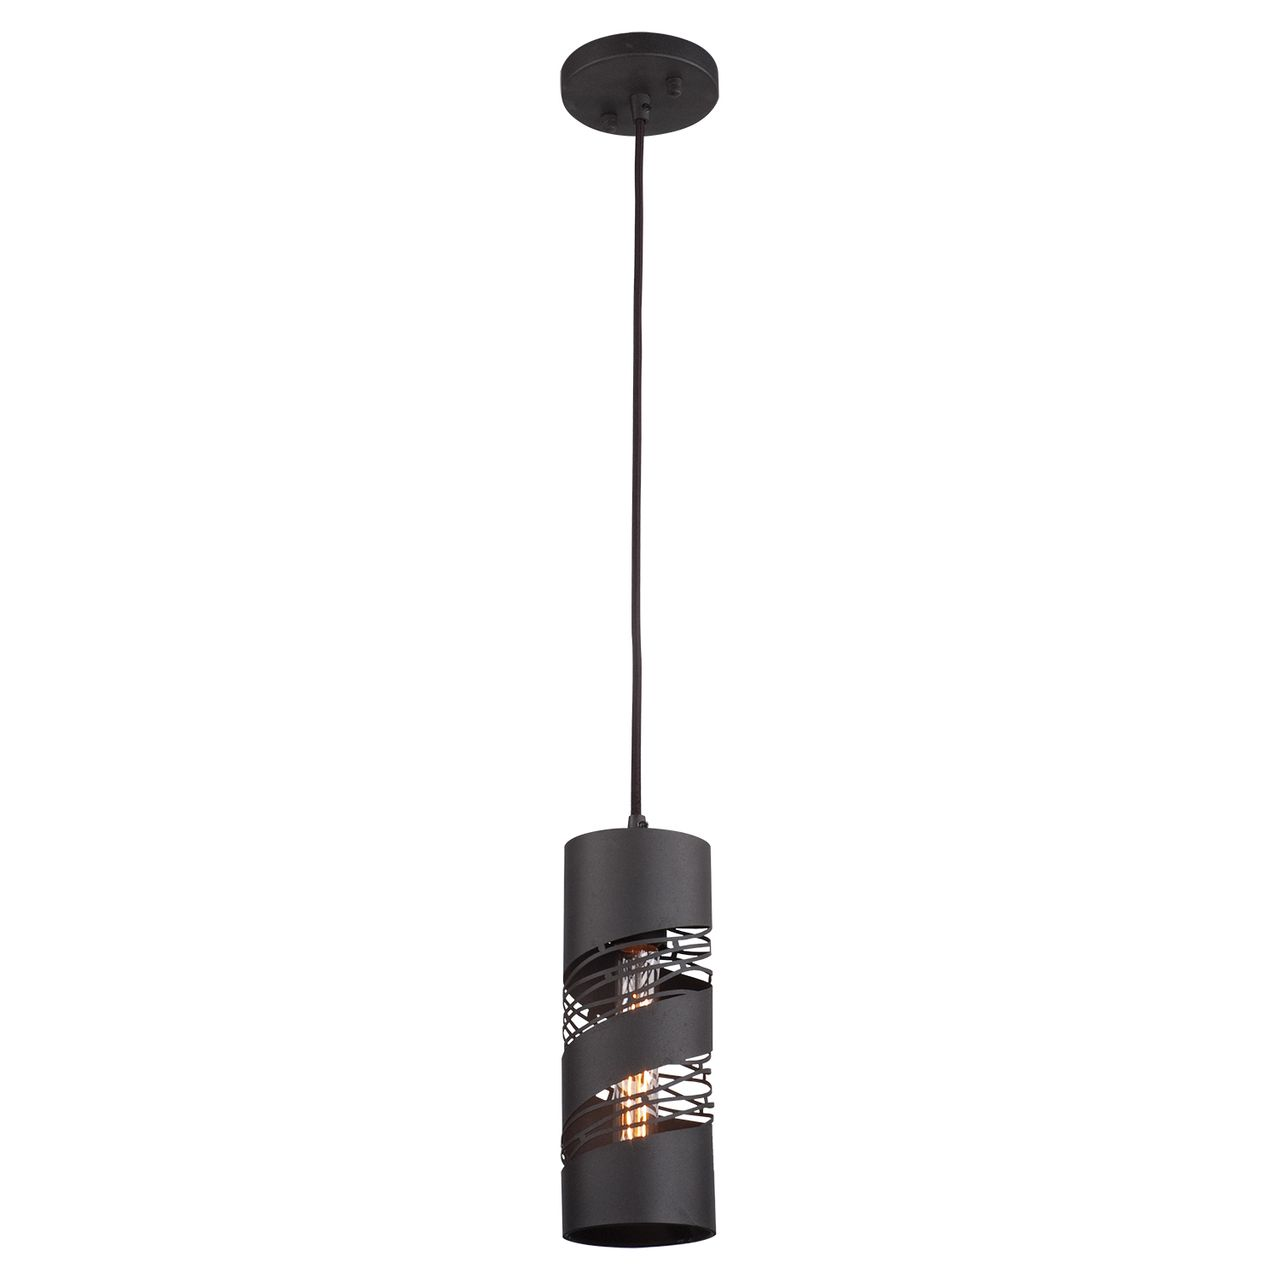 Подвесной светильник Lussole Loft 24 LSP-9651 lussole loft подвесной светильник lussole loft lsp 9667